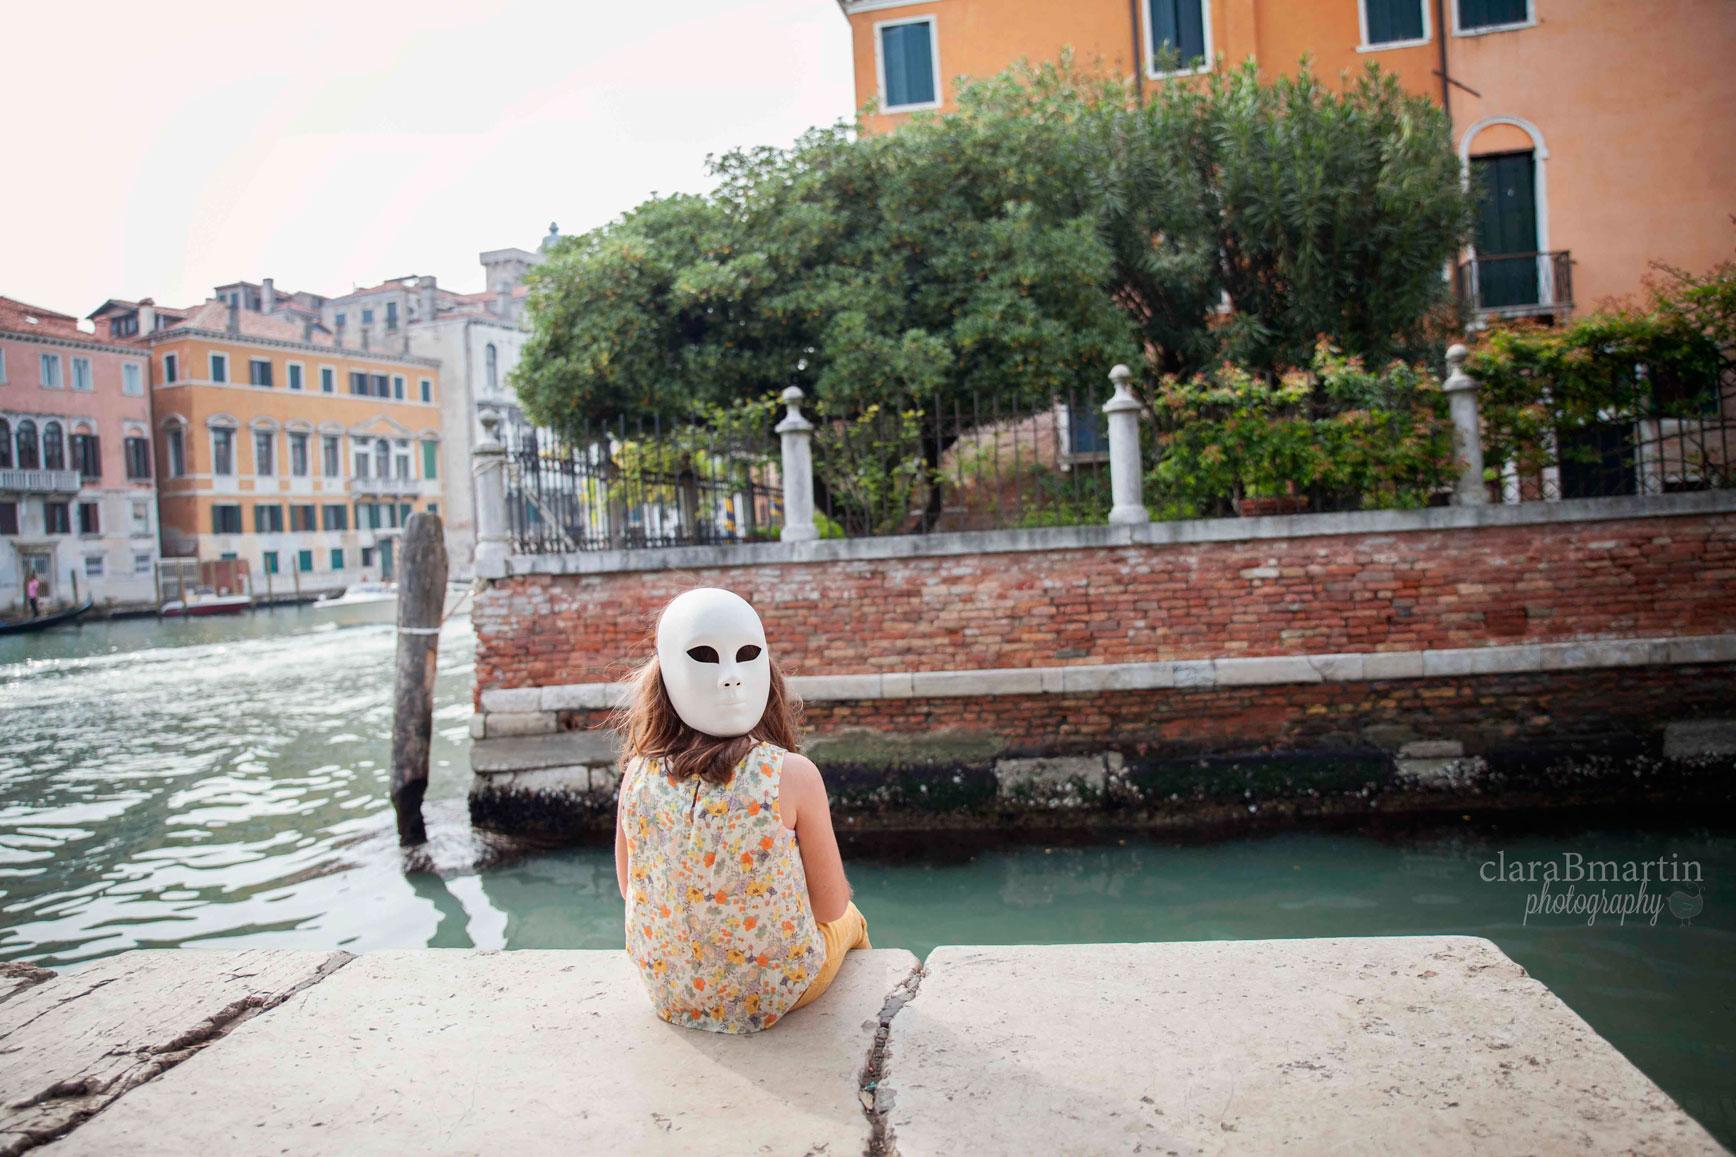 Venecia_claraBmartin_20